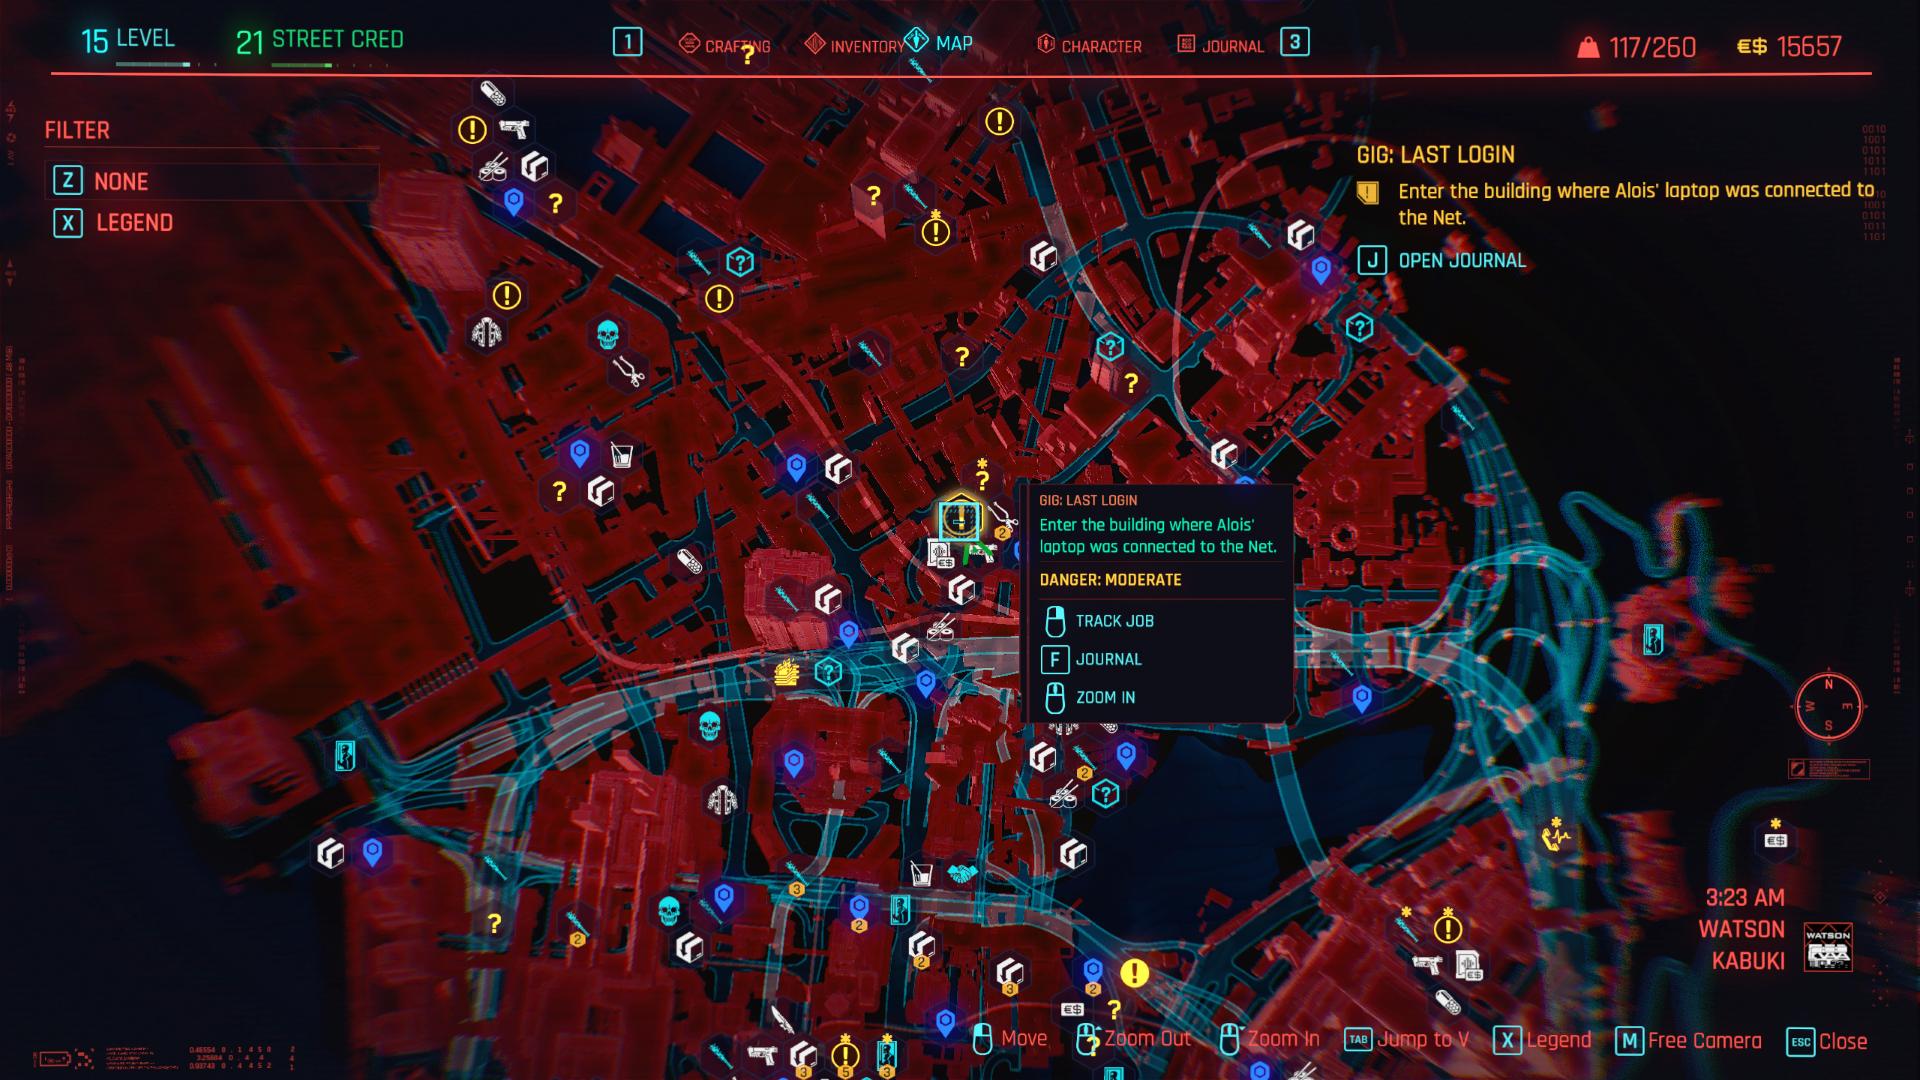 Dernière connexion Zoom arrière Cyberpunk 2077 Charles Location